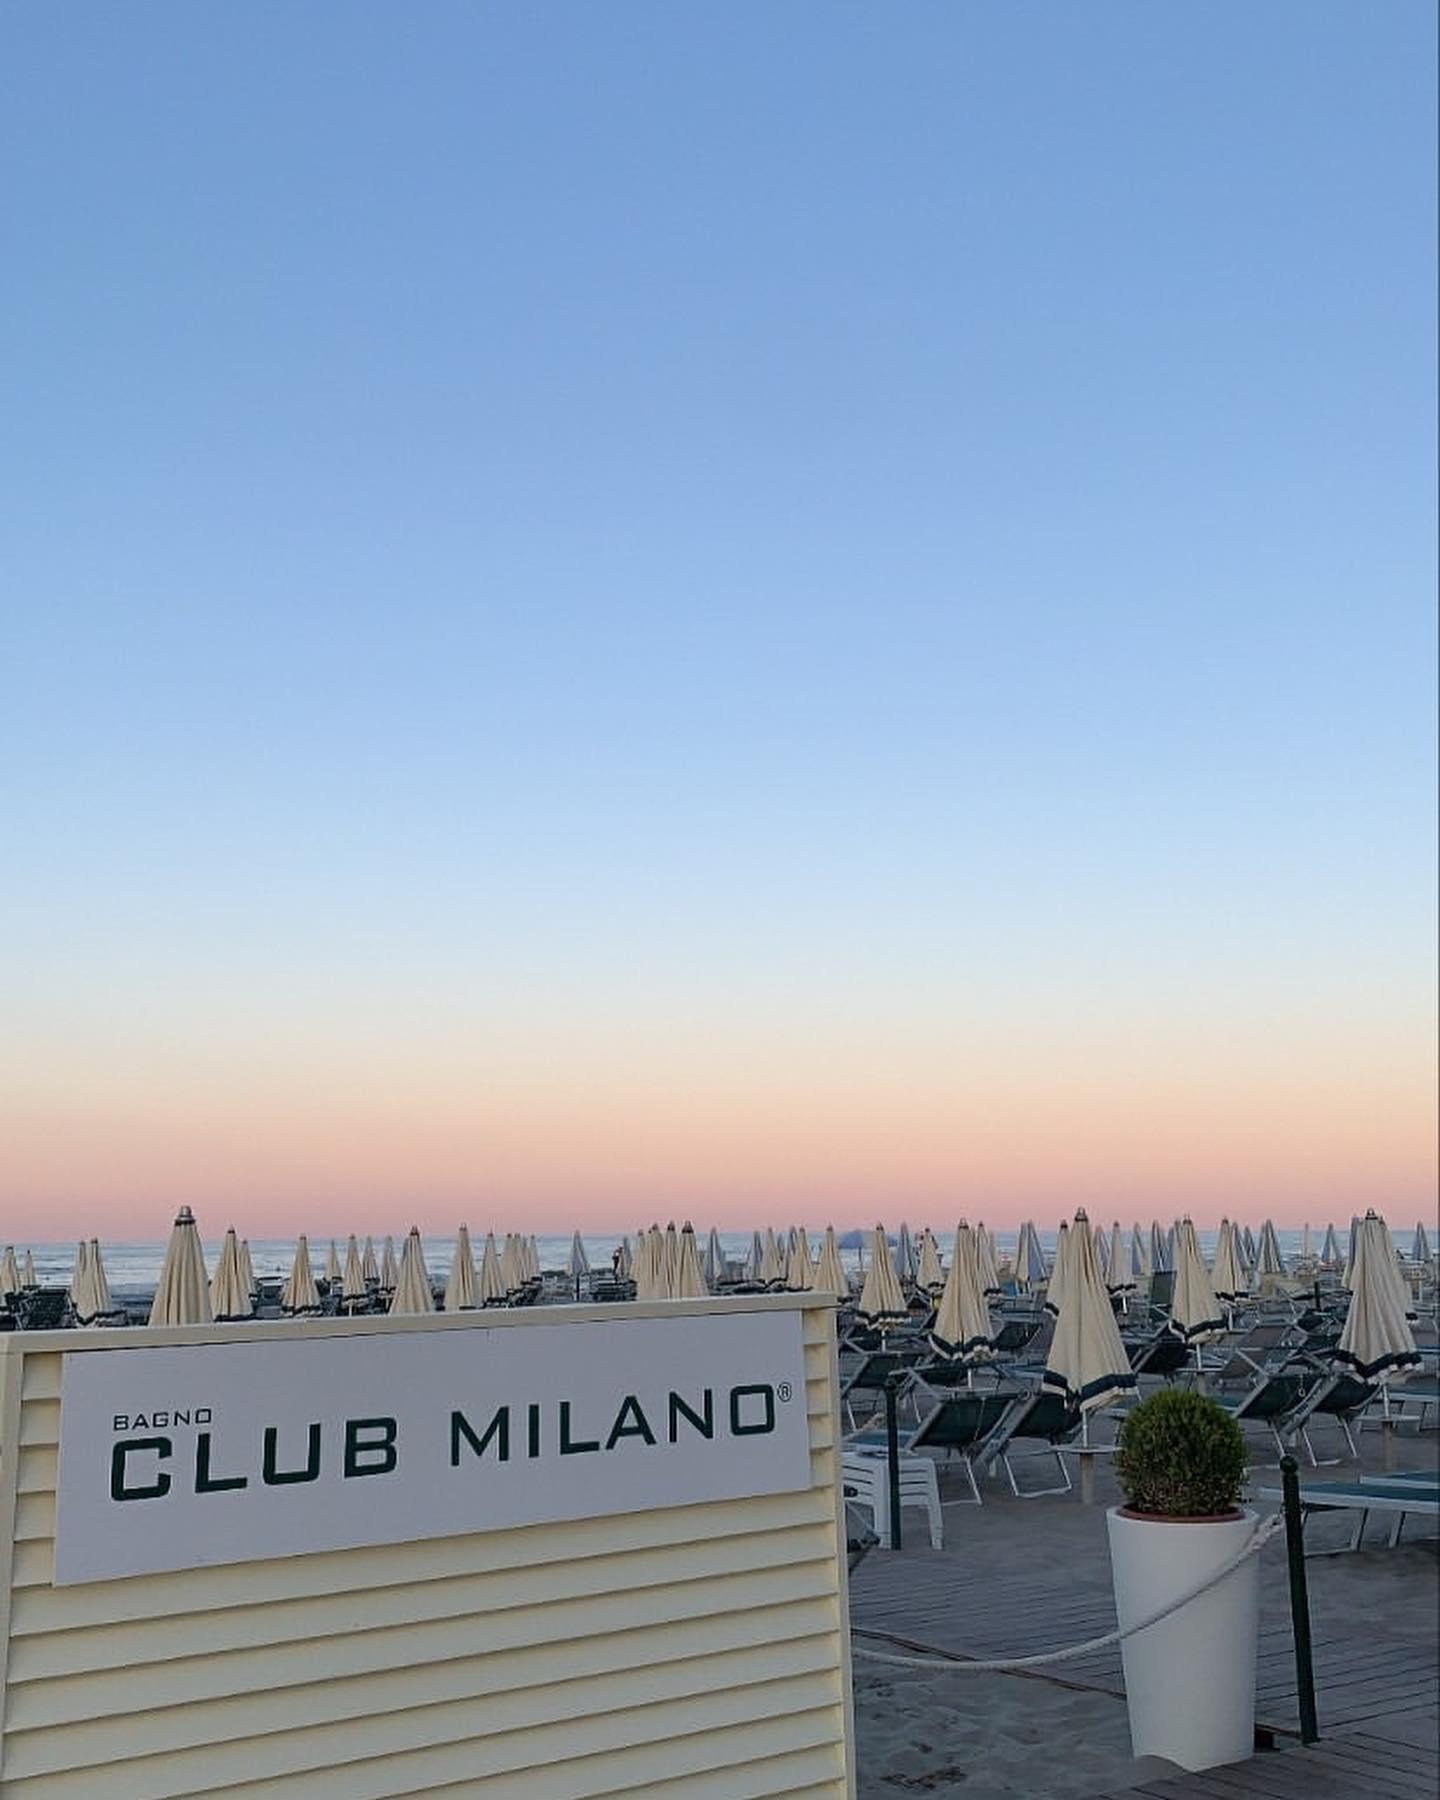 Bagno Club Milano